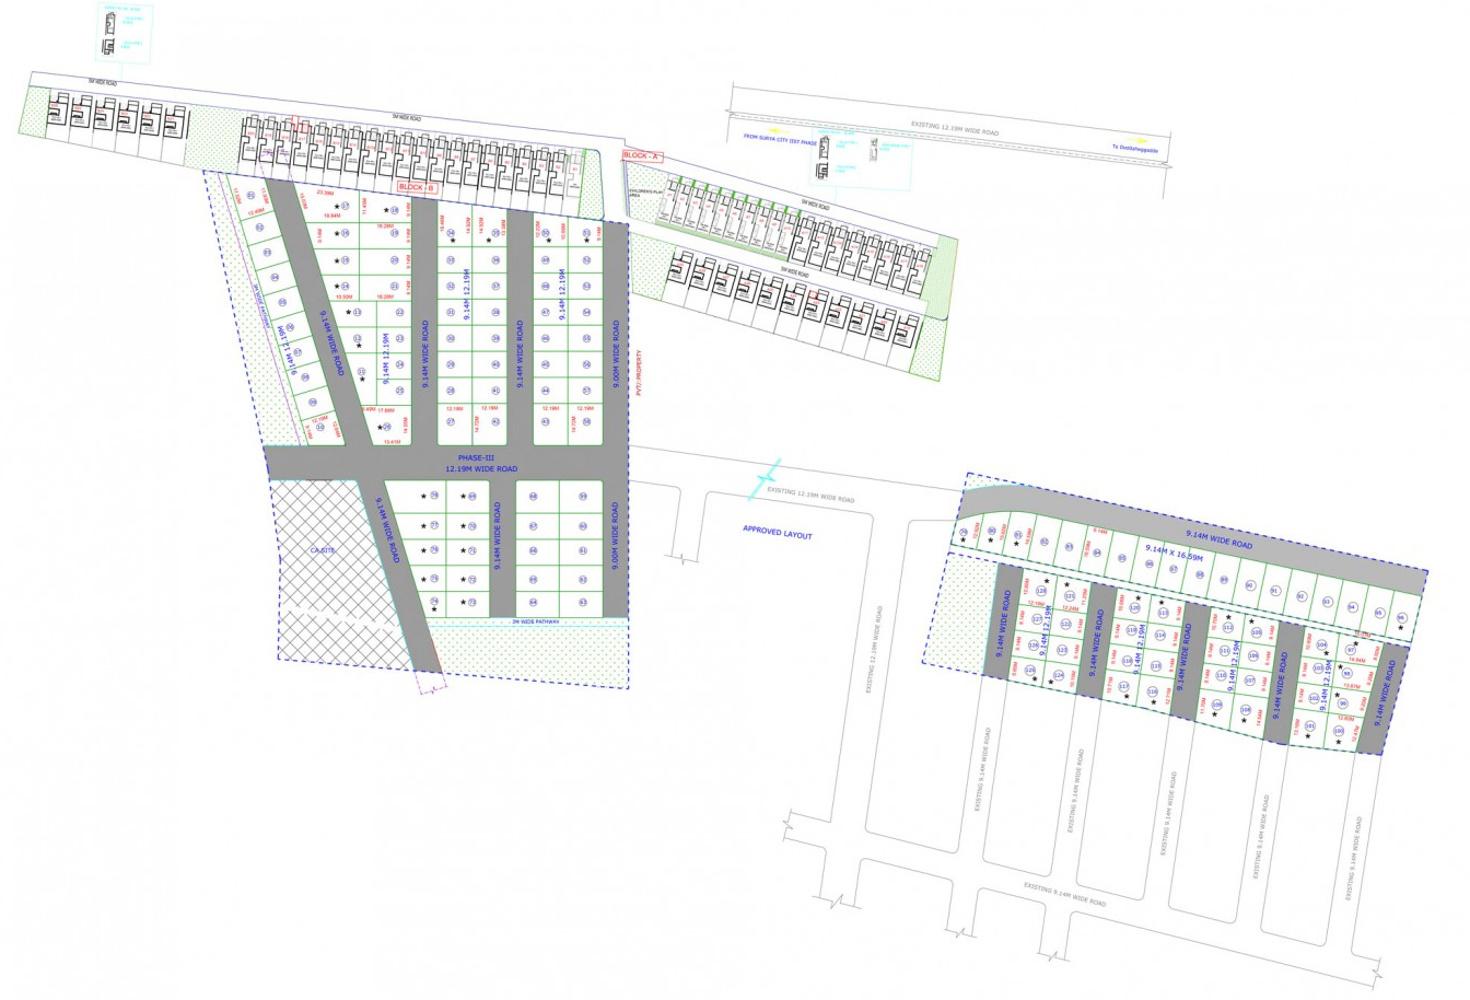 899 sq ft plot for sale in aratt rolling whites plot